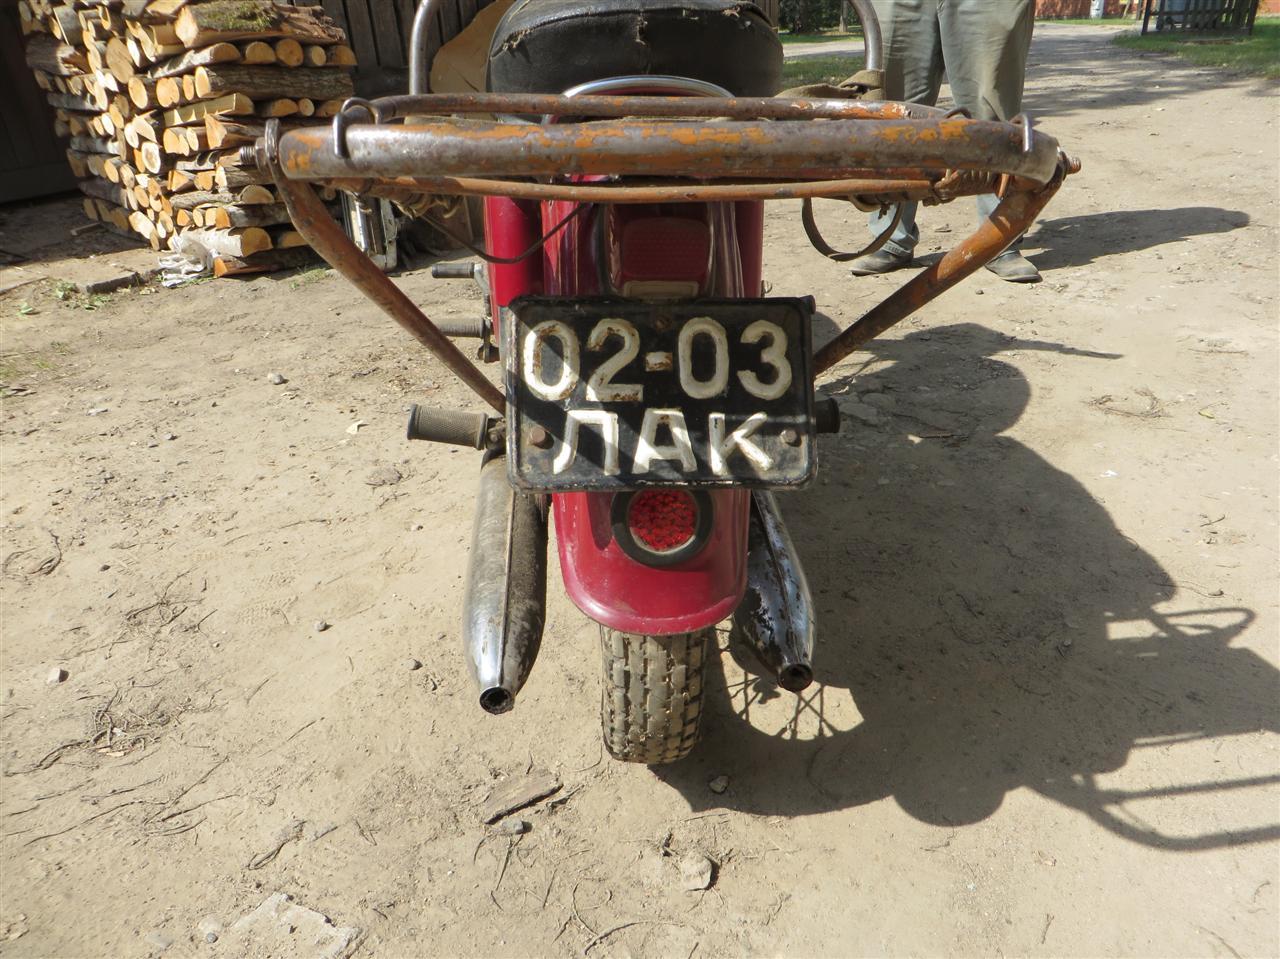 www.bildites.lv/images/qzghe8qykmx04hksj0j.jpg